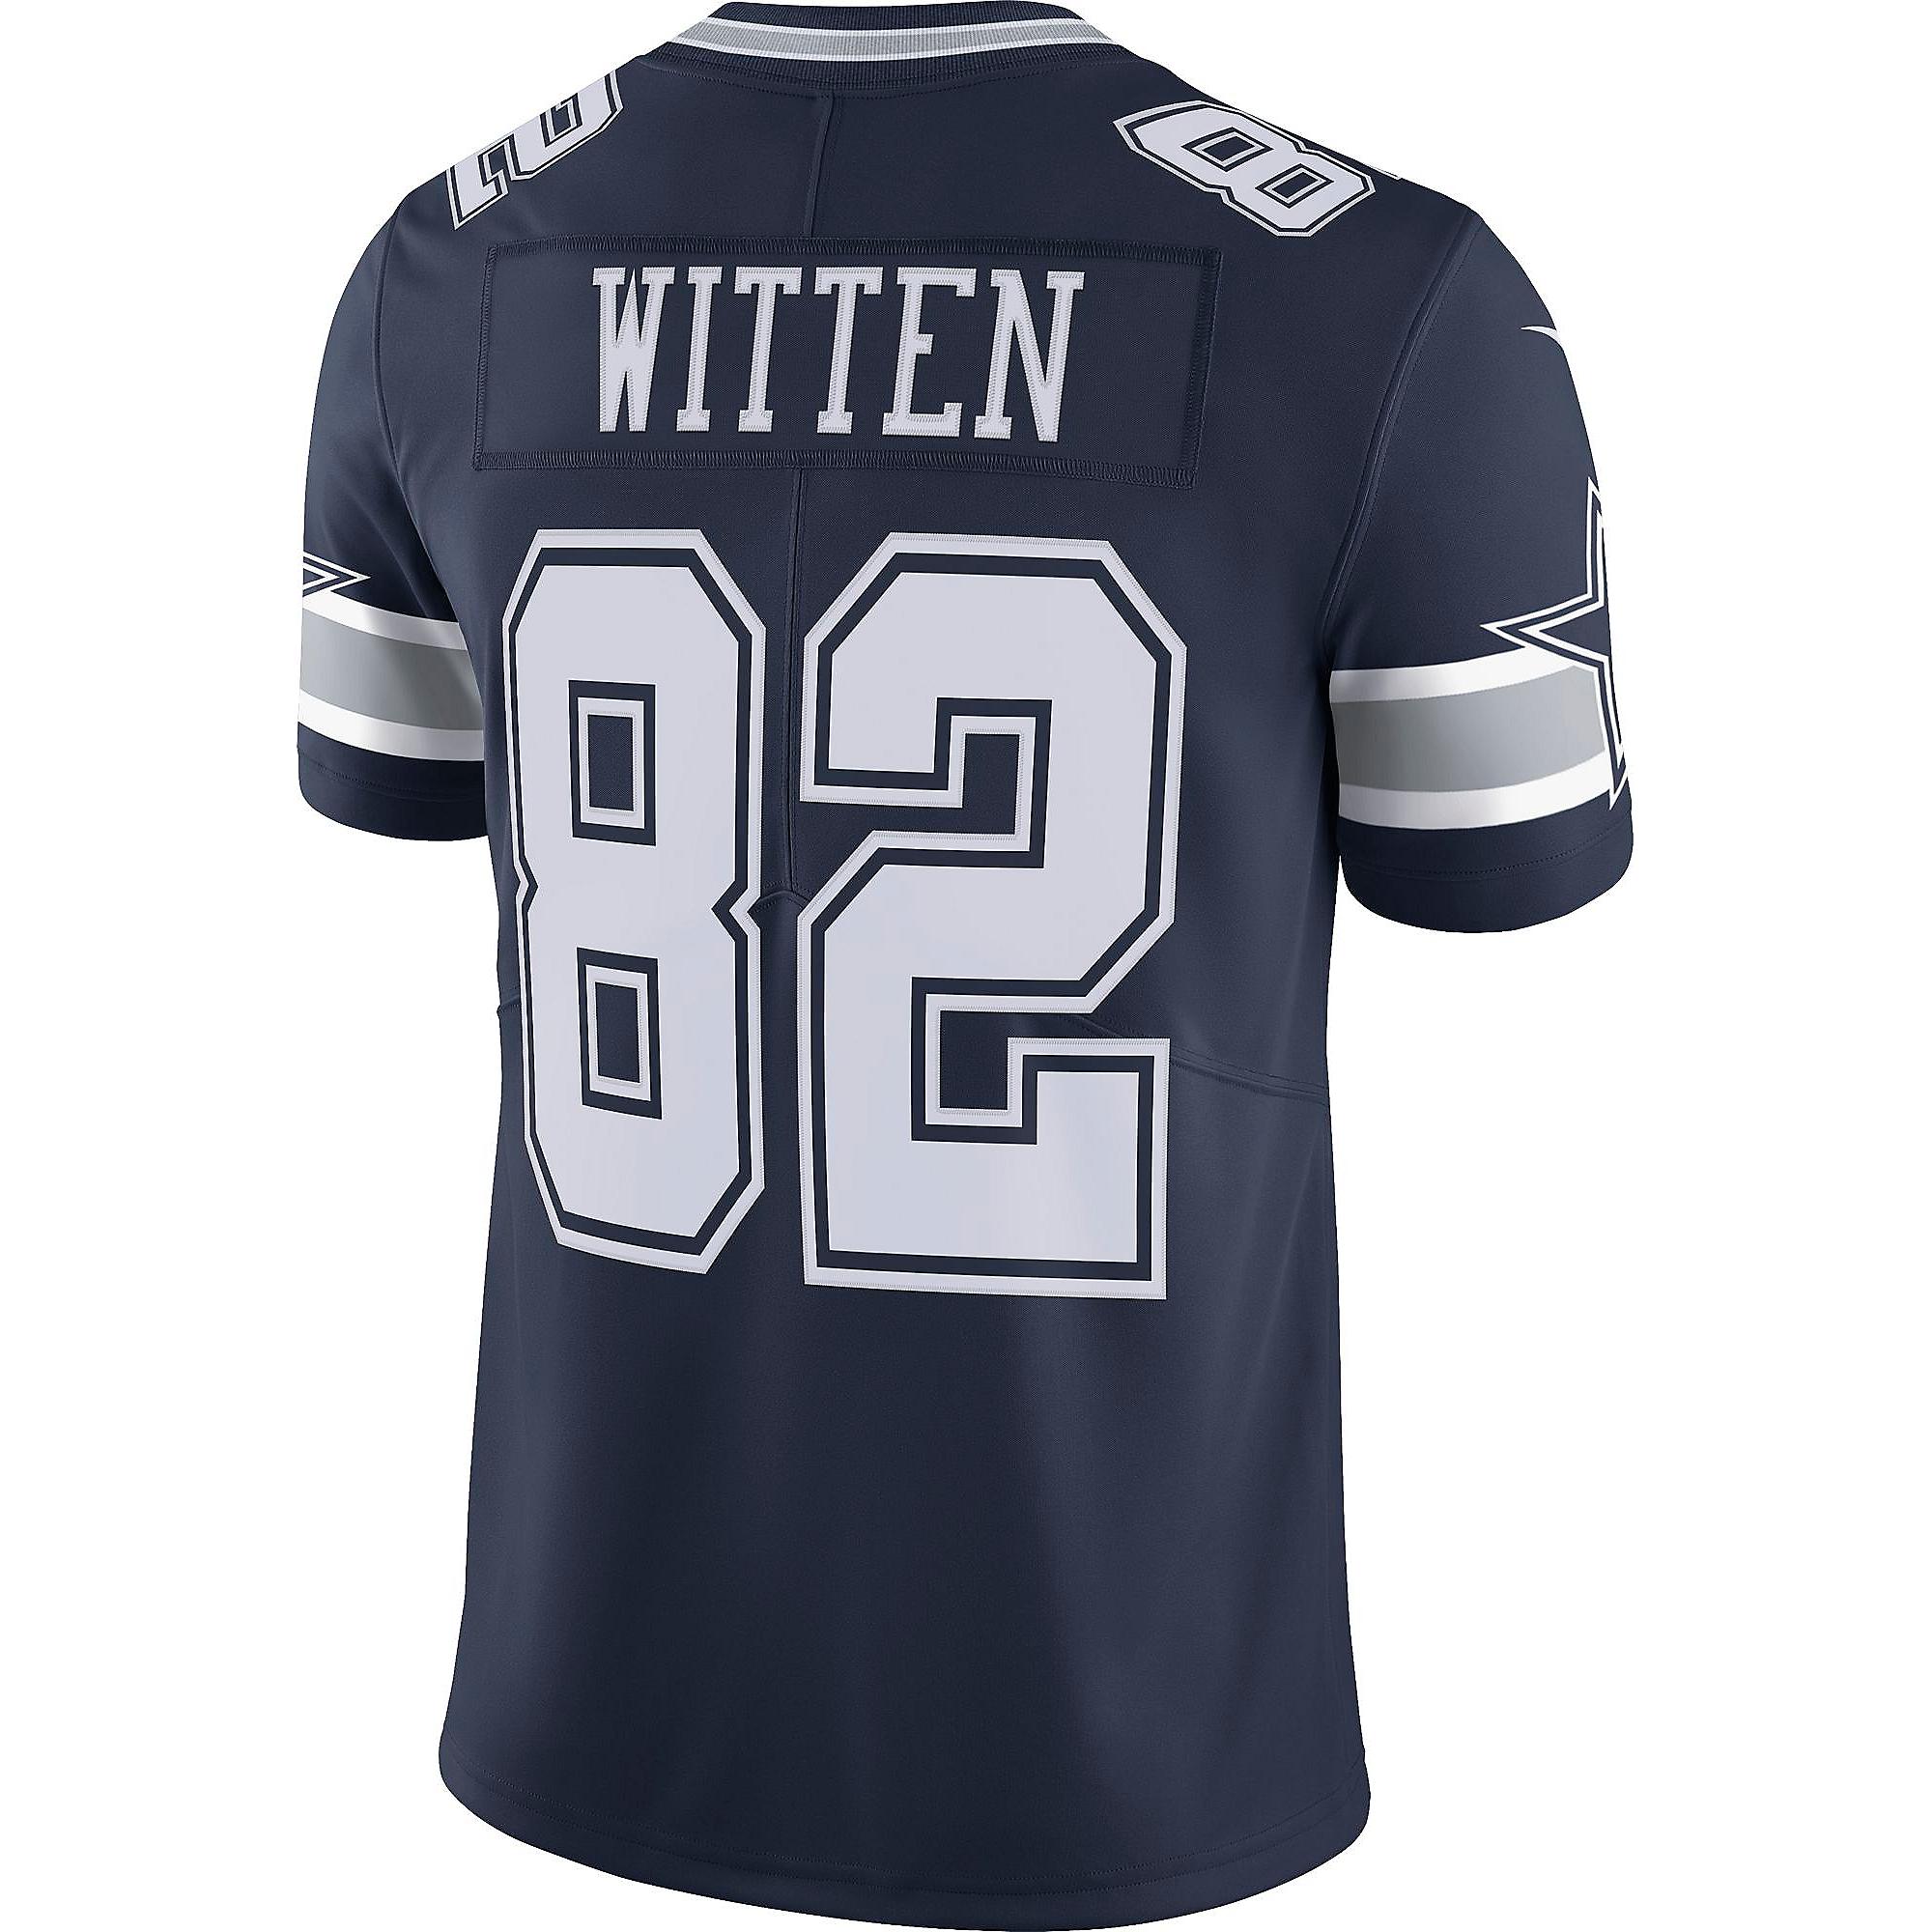 best website 691f8 a8016 Dallas Cowboys Jason Witten #82 Nike Vapor Untouchable Navy Limited Jersey  | Dallas Cowboys Pro Shop